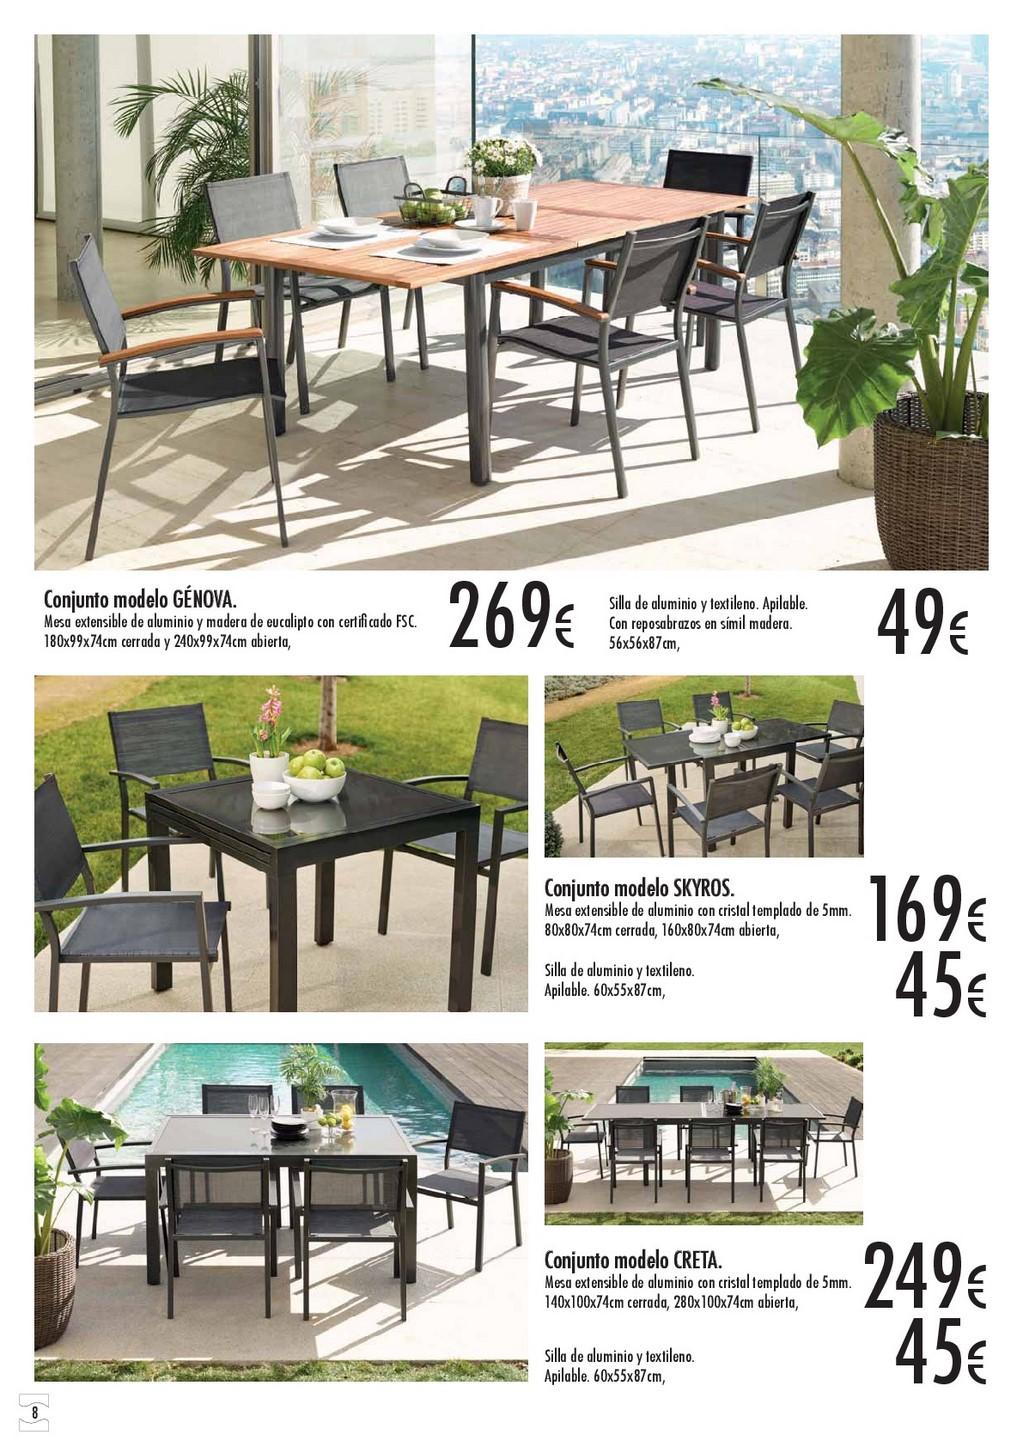 Terraza y jardin hipercor 20168 for Hipercor sombrillas jardin